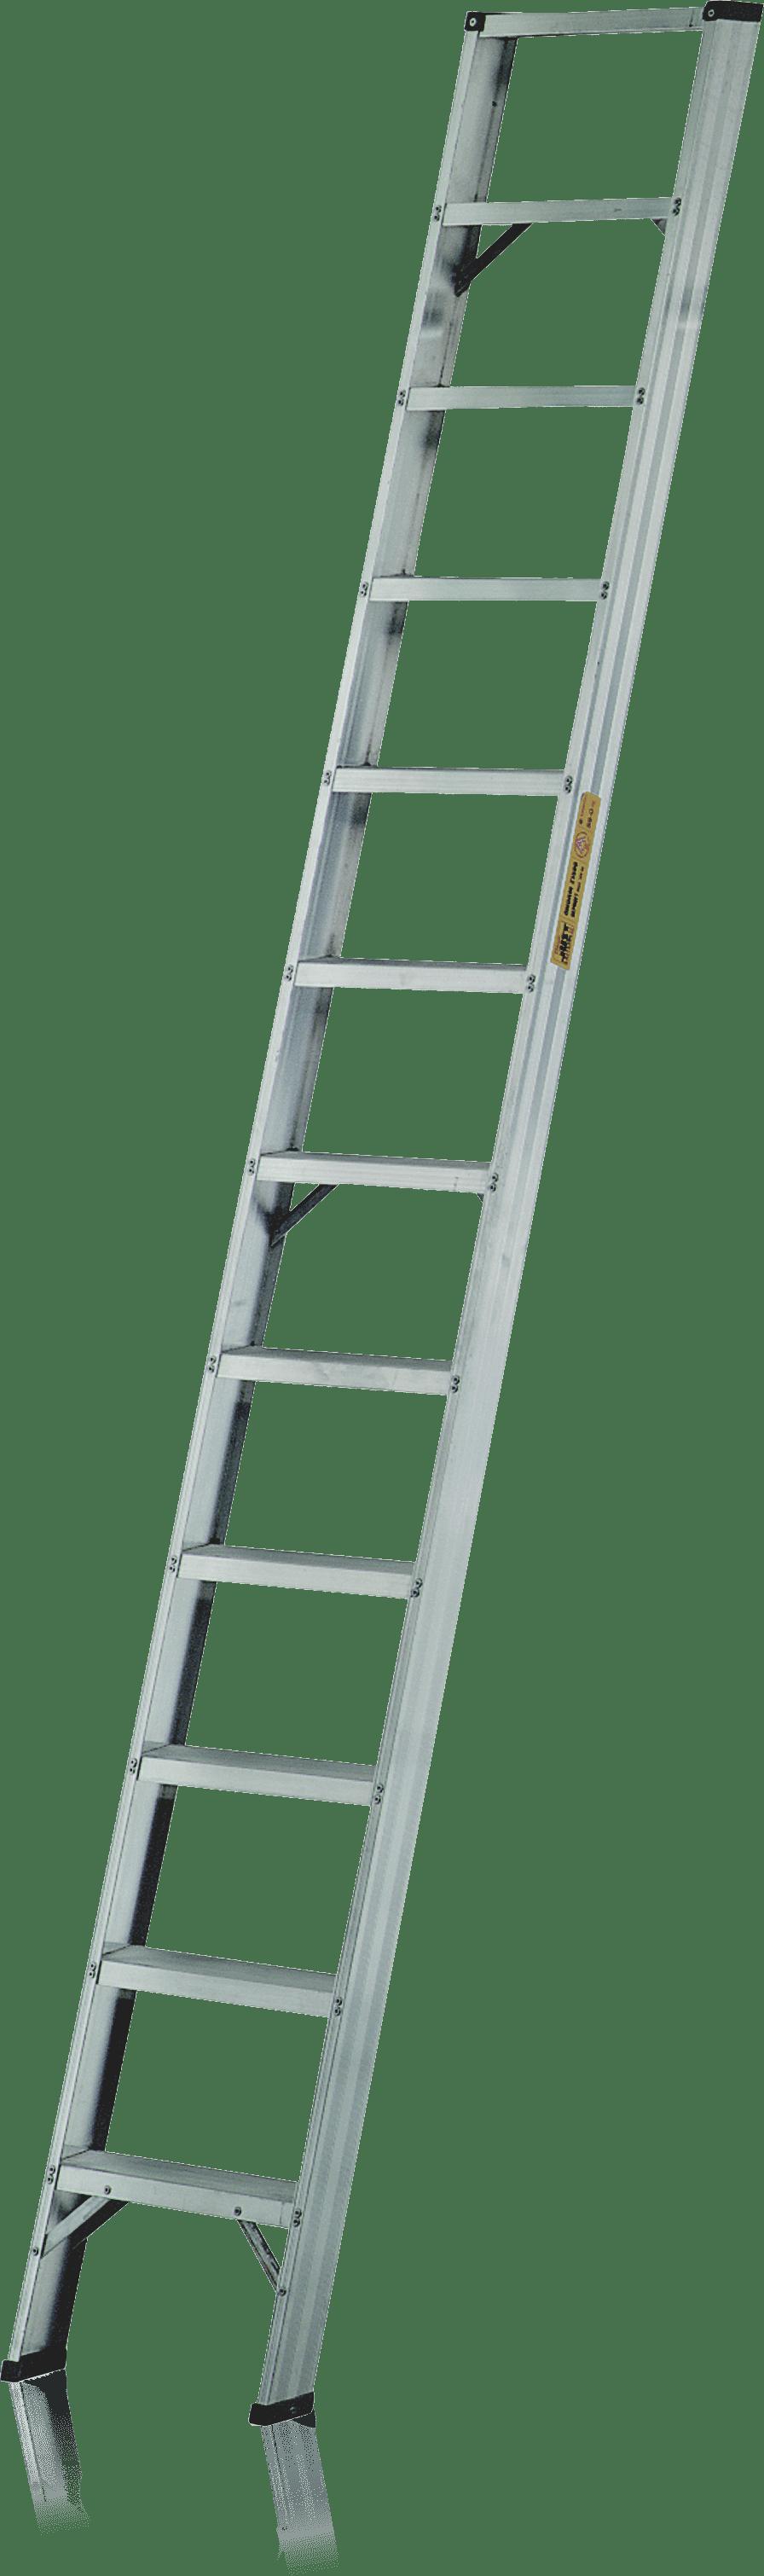 príložný rebrík profesionálny 59